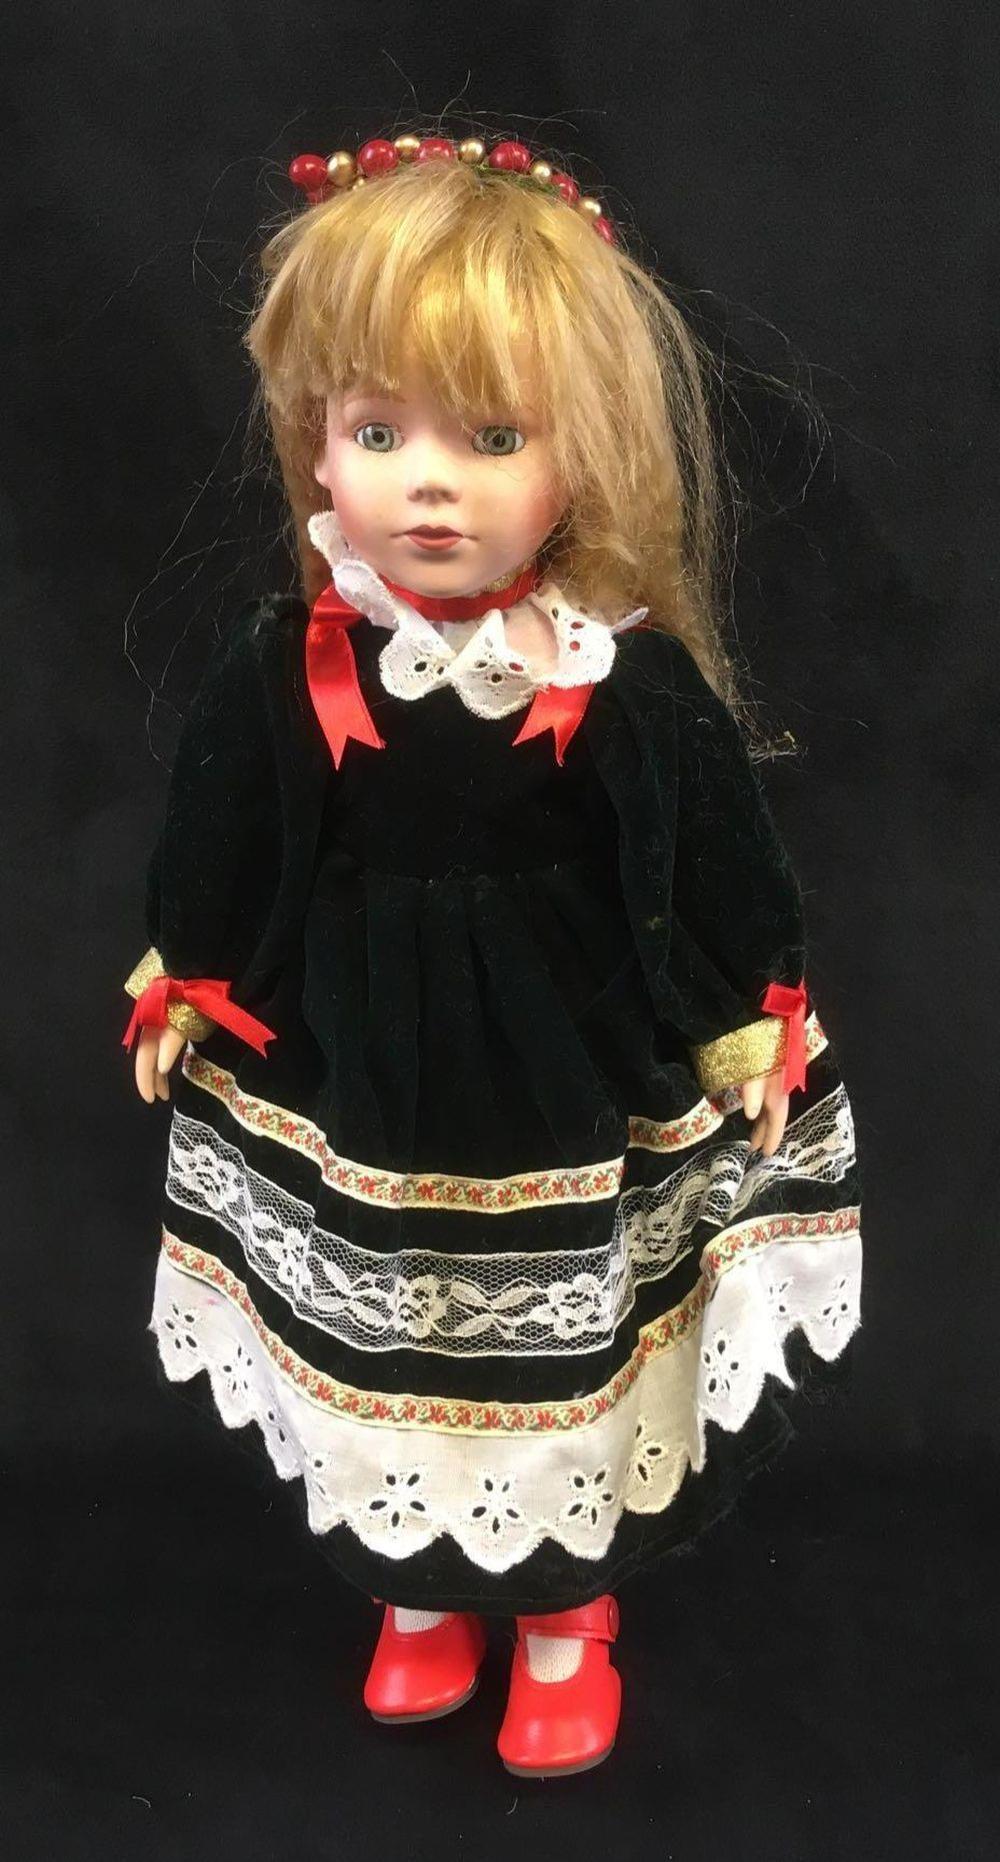 Lot 614: JC Penney Collectors Porcelain 1992 Doll